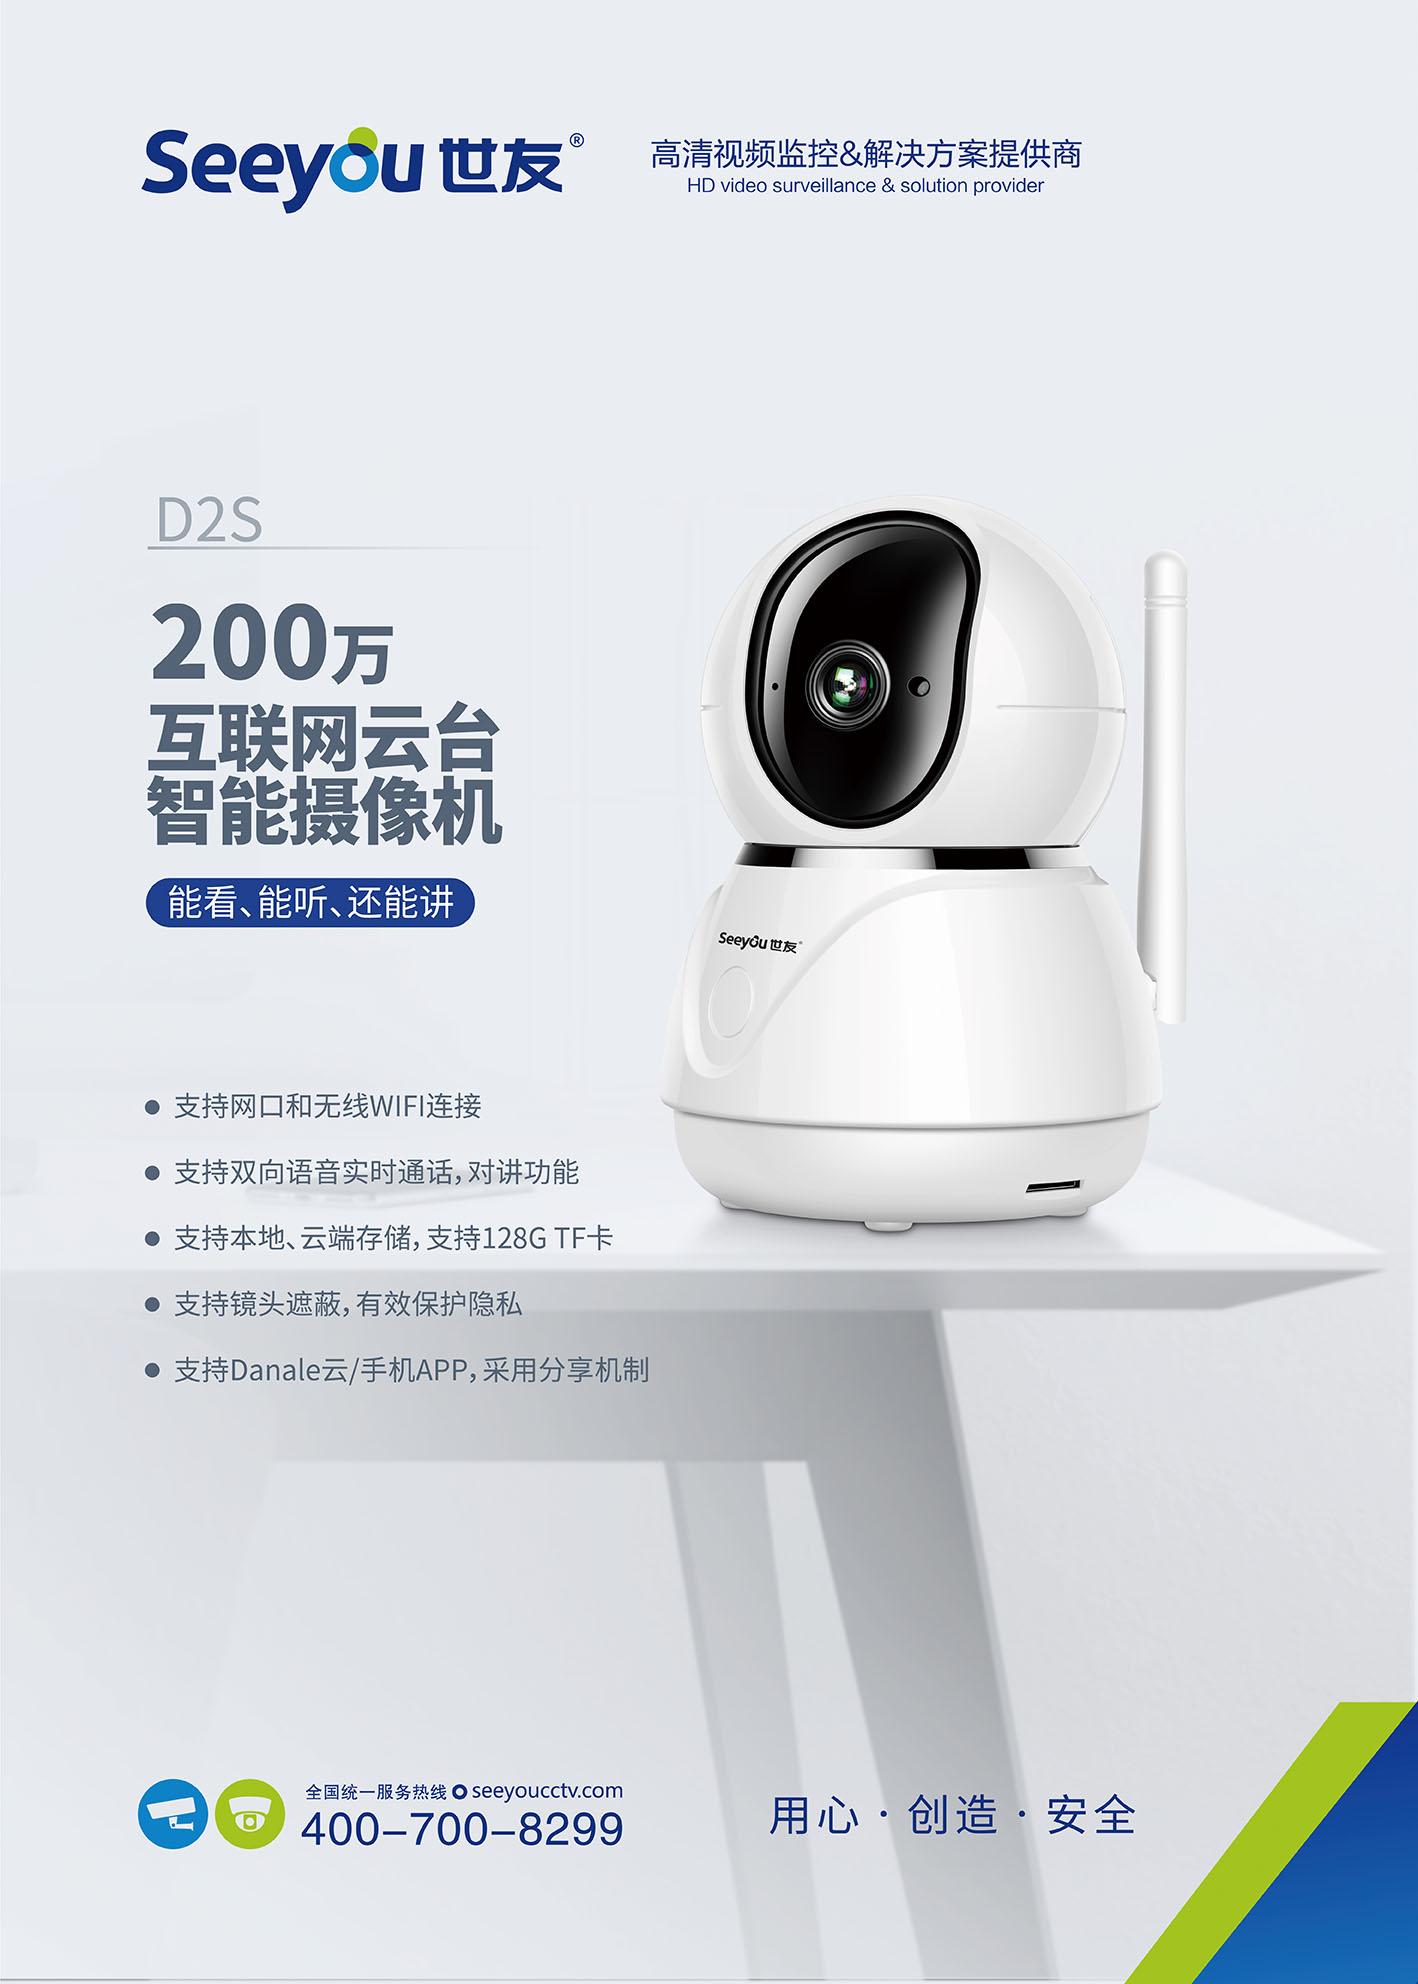 D2S摇头机 200互联网云台智能摄像机